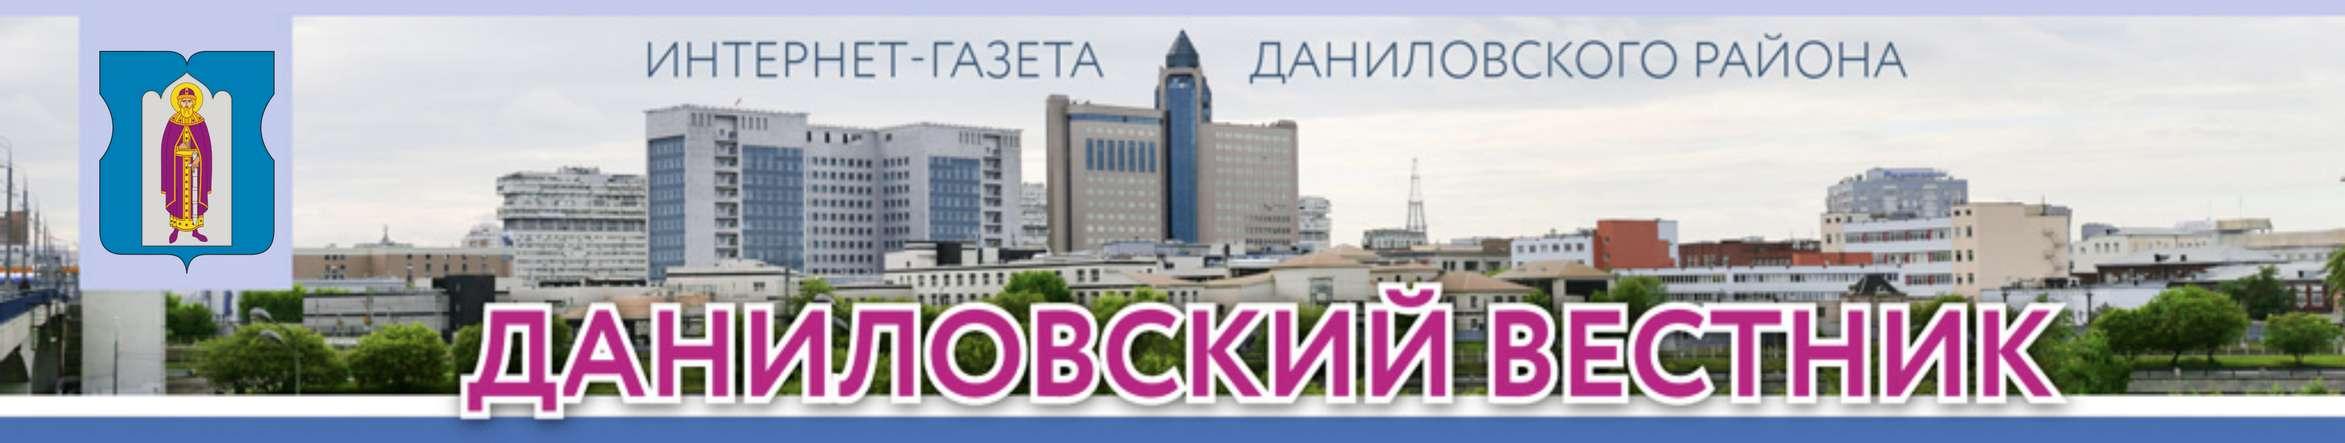 """Районная газета ЮАО """"Даниловский вестник"""""""